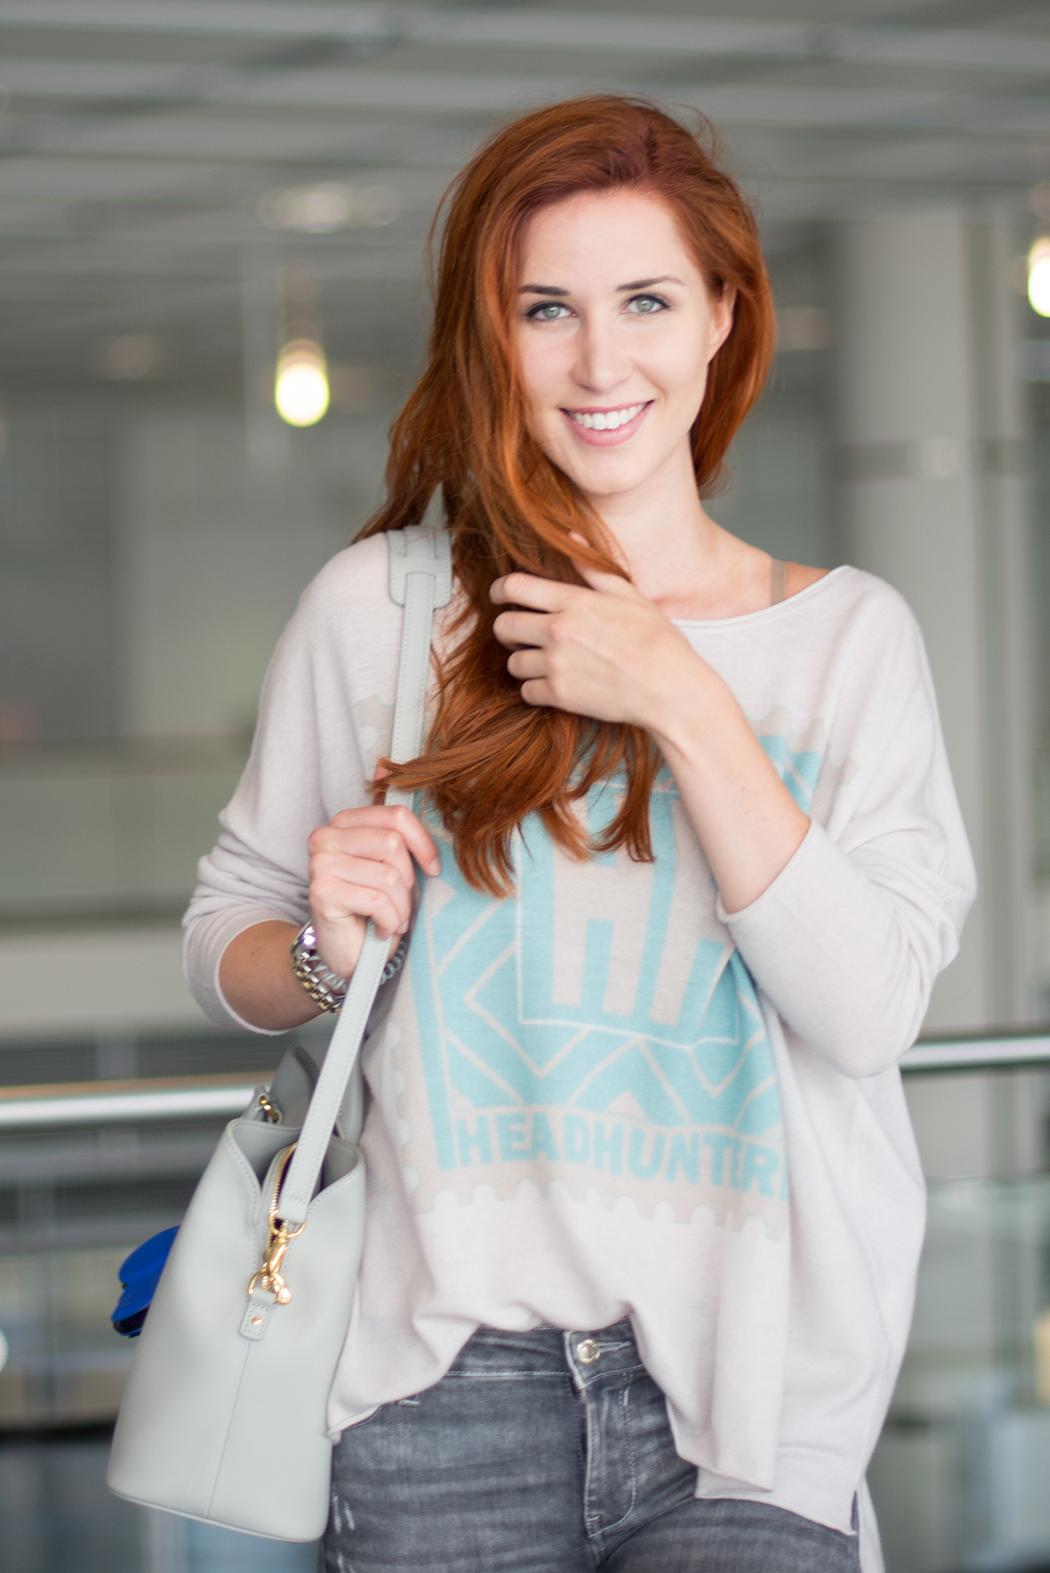 Headhunter-Pullover-ZXFlux-mint-orange-Fashionblog-Fashionblogger-München-Deutschland-Blog-Fashion-Lifestyle-Lifestyleblog-Fitnessblog-Fitness-Blog-Lindarella-2